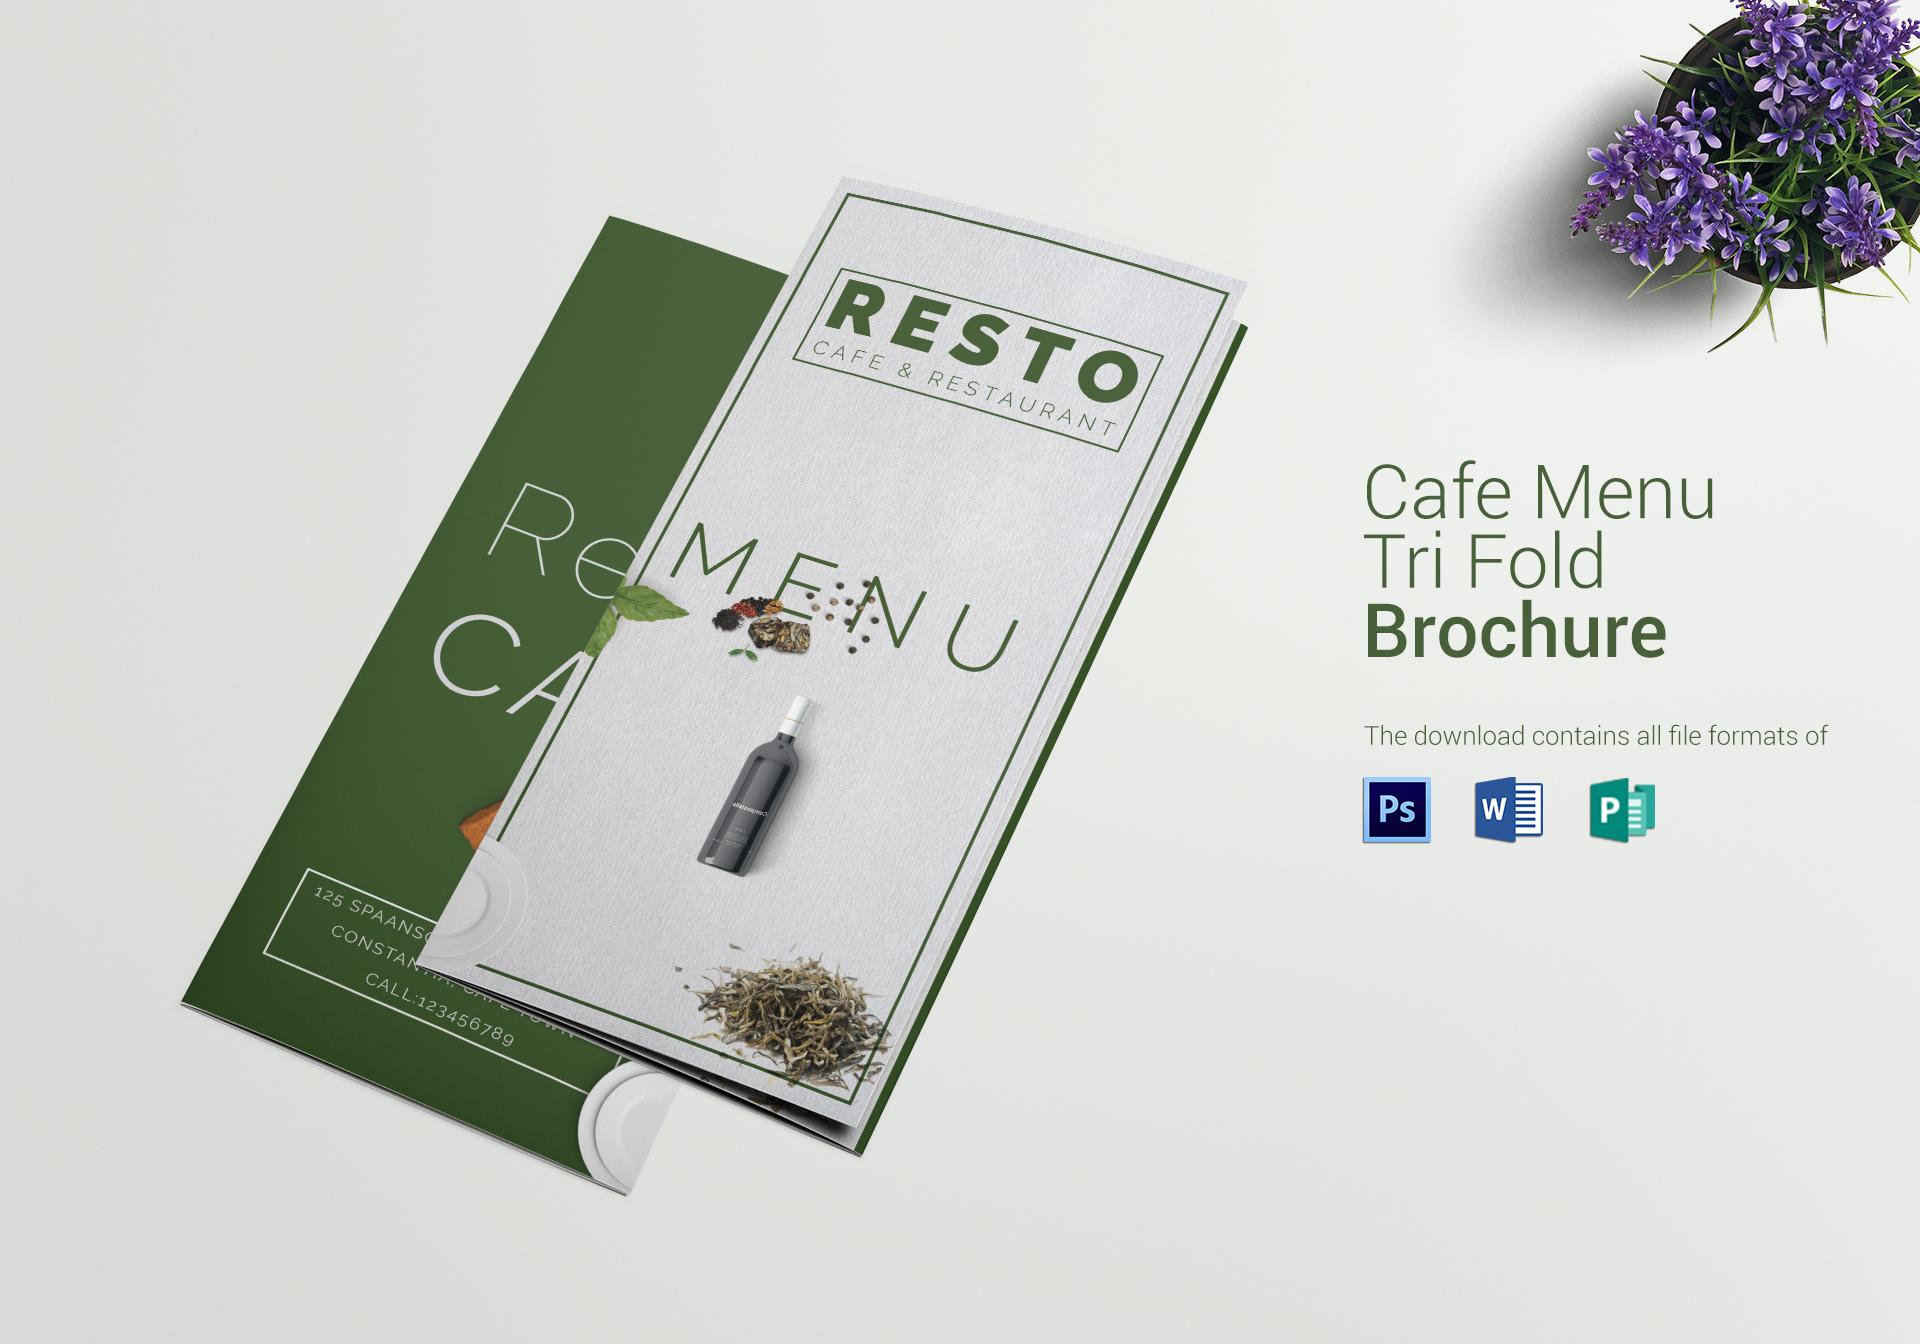 restaurant cafe food menu format